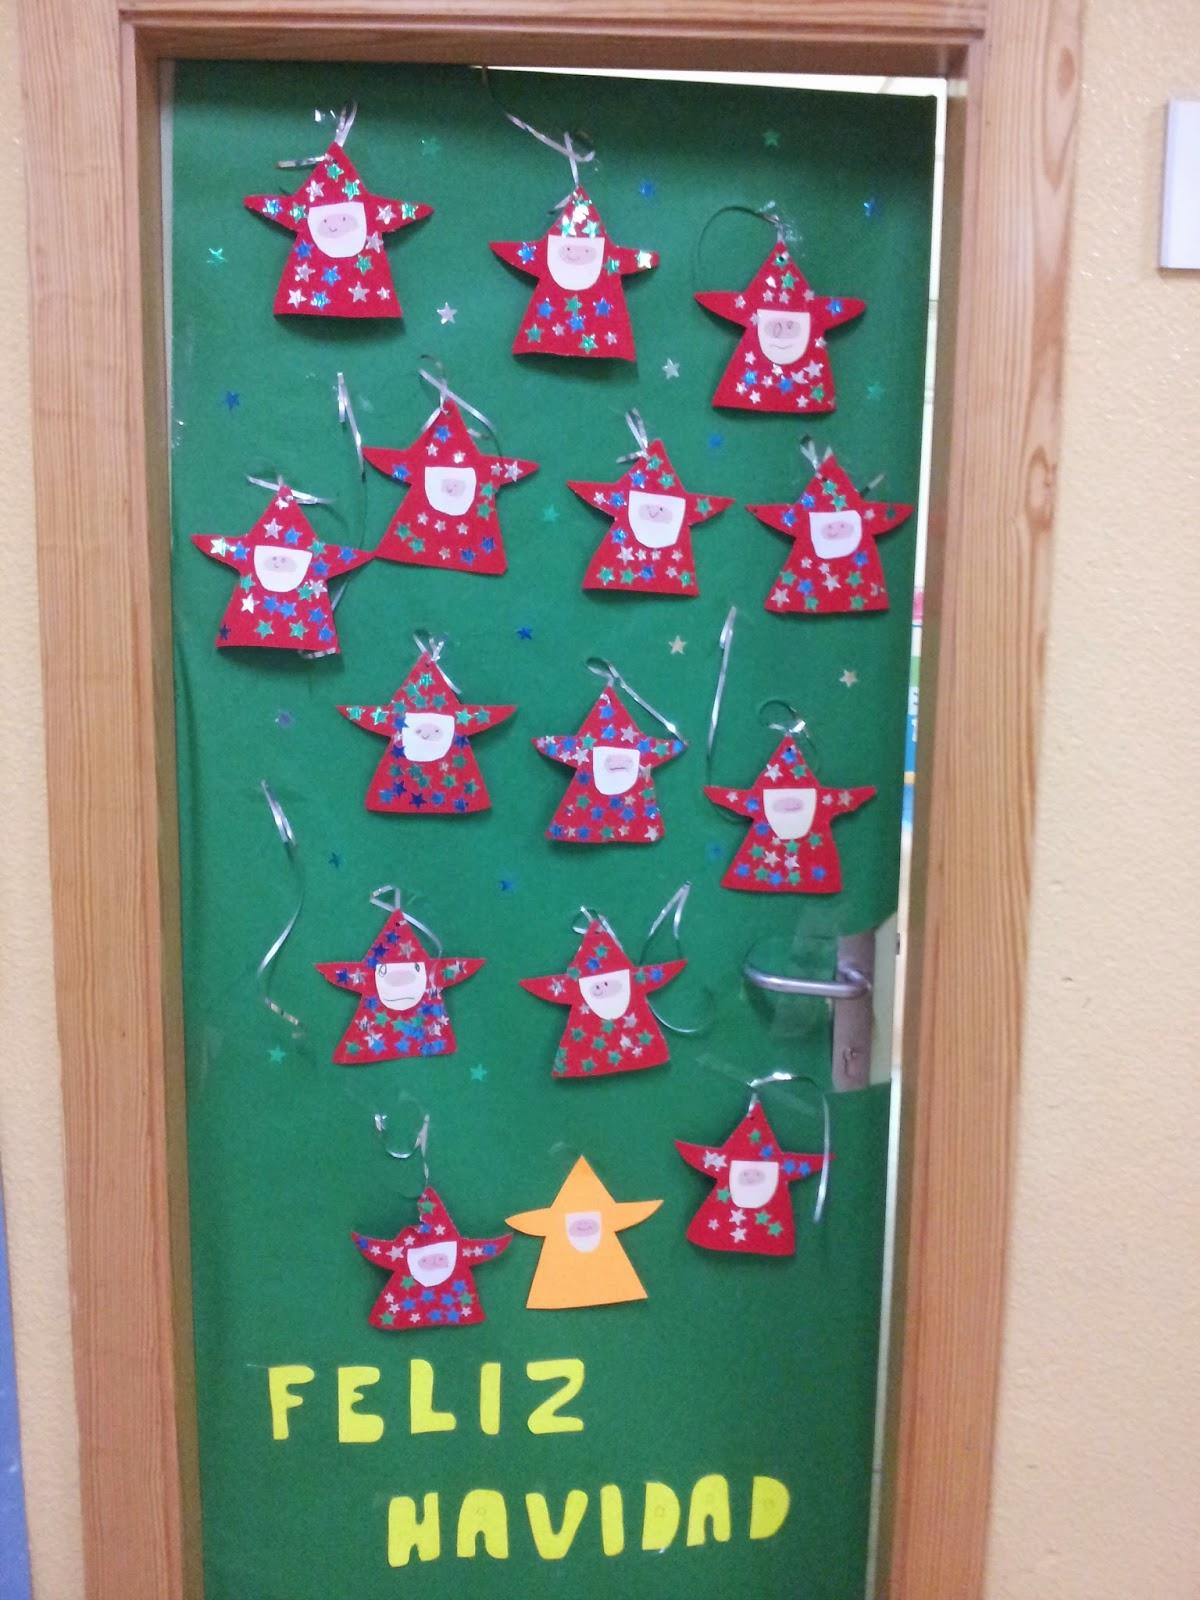 Ceip garcia morente mayo 2015 for Puertas decoradas navidad colegio